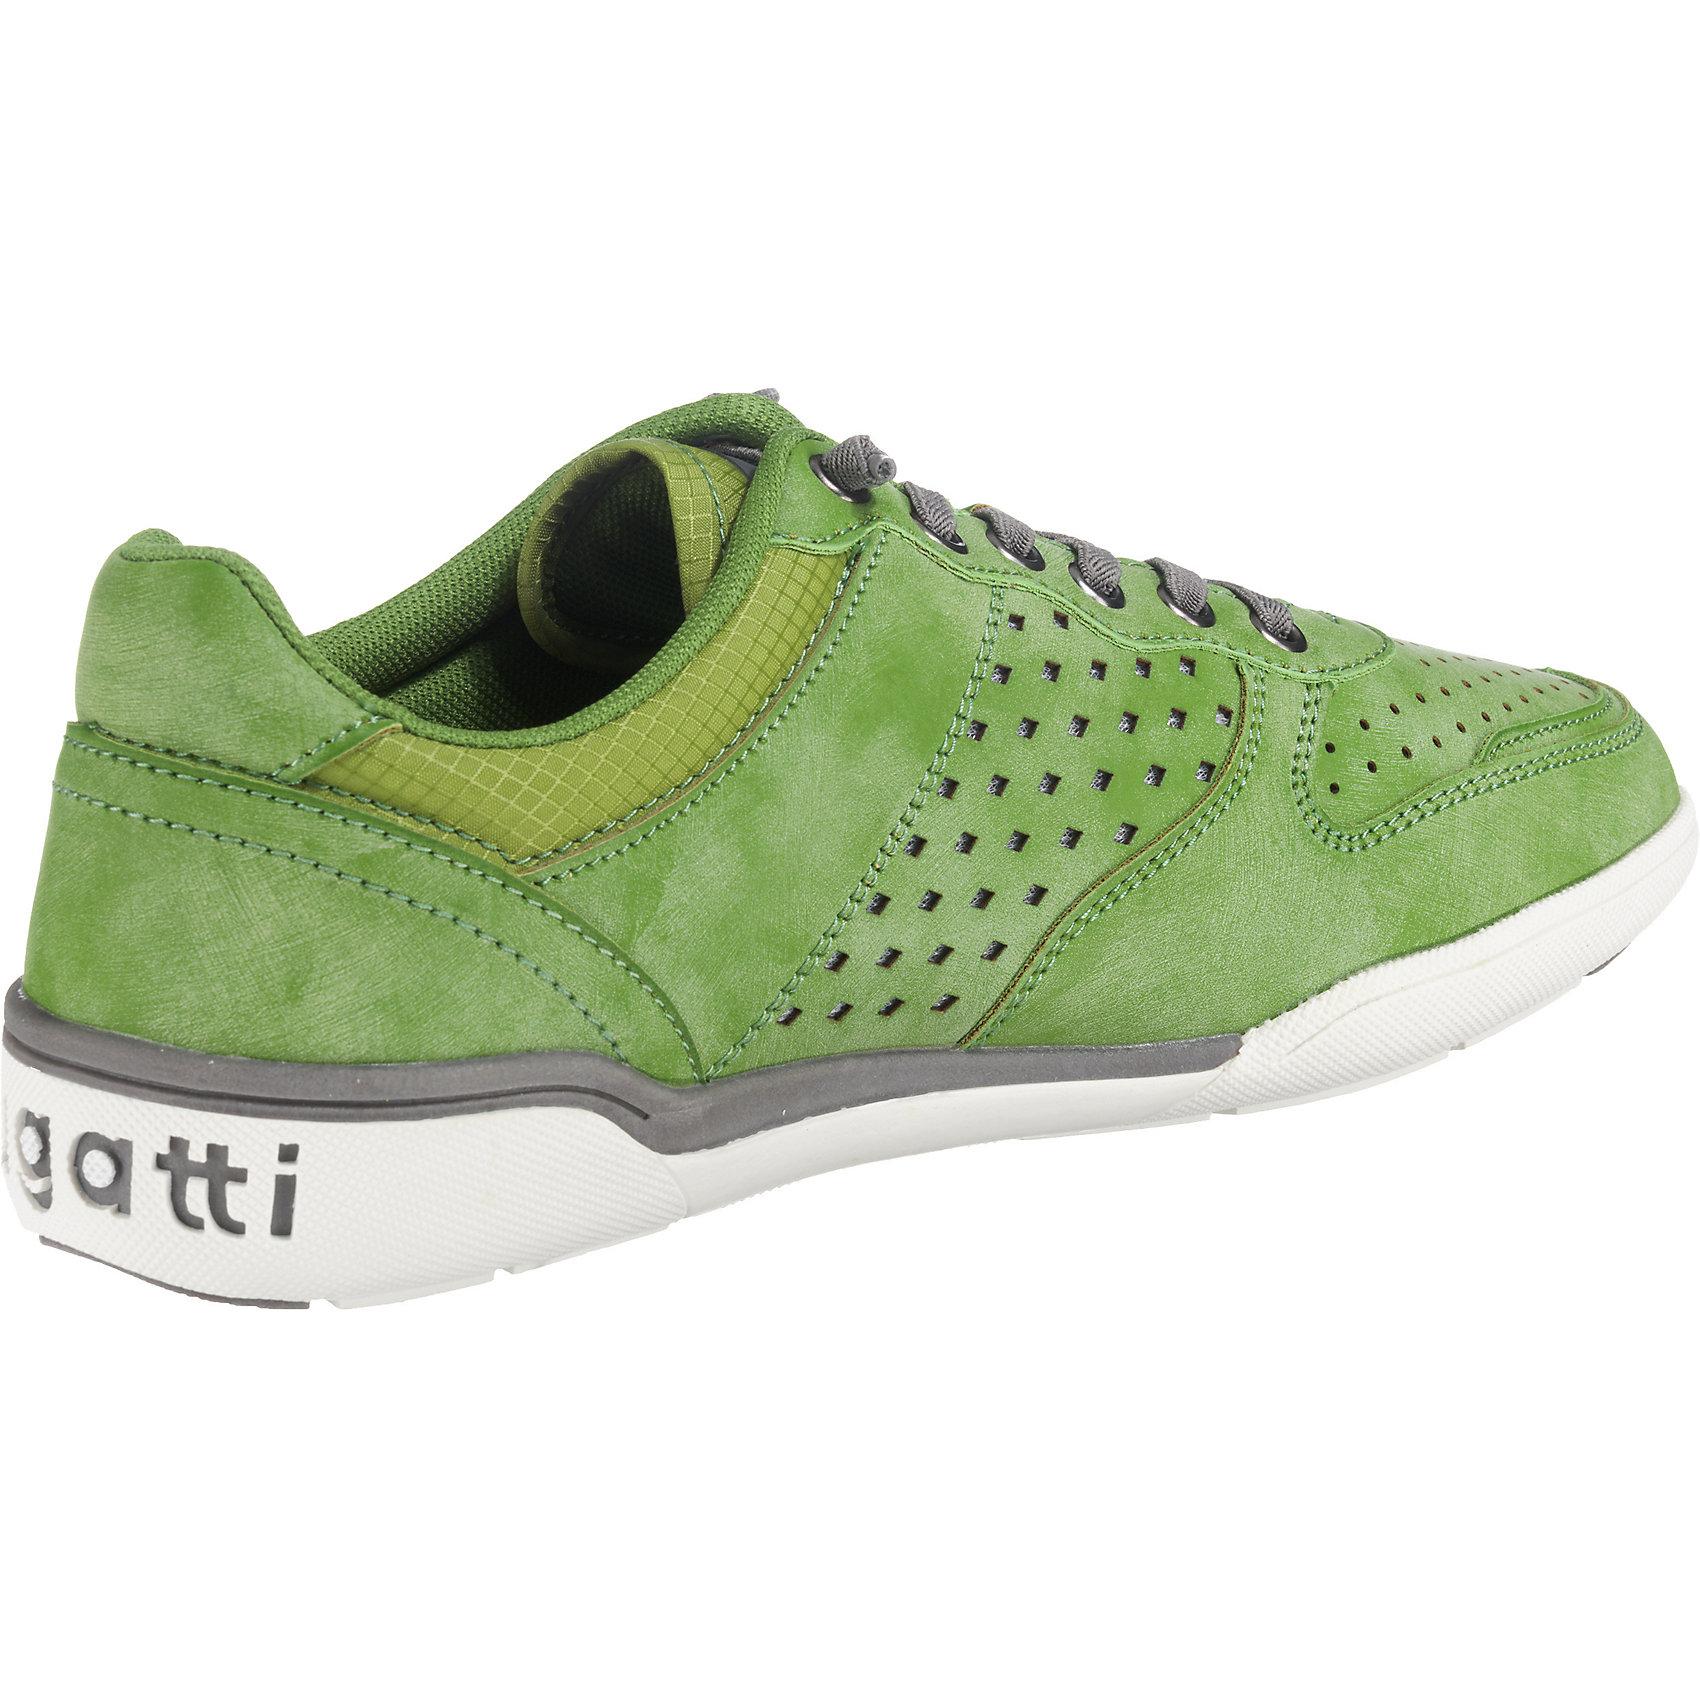 ... Neu bugatti Herren Sneakers Low 7155172 für Herren bugatti grün da98c1  ... 419d90a529